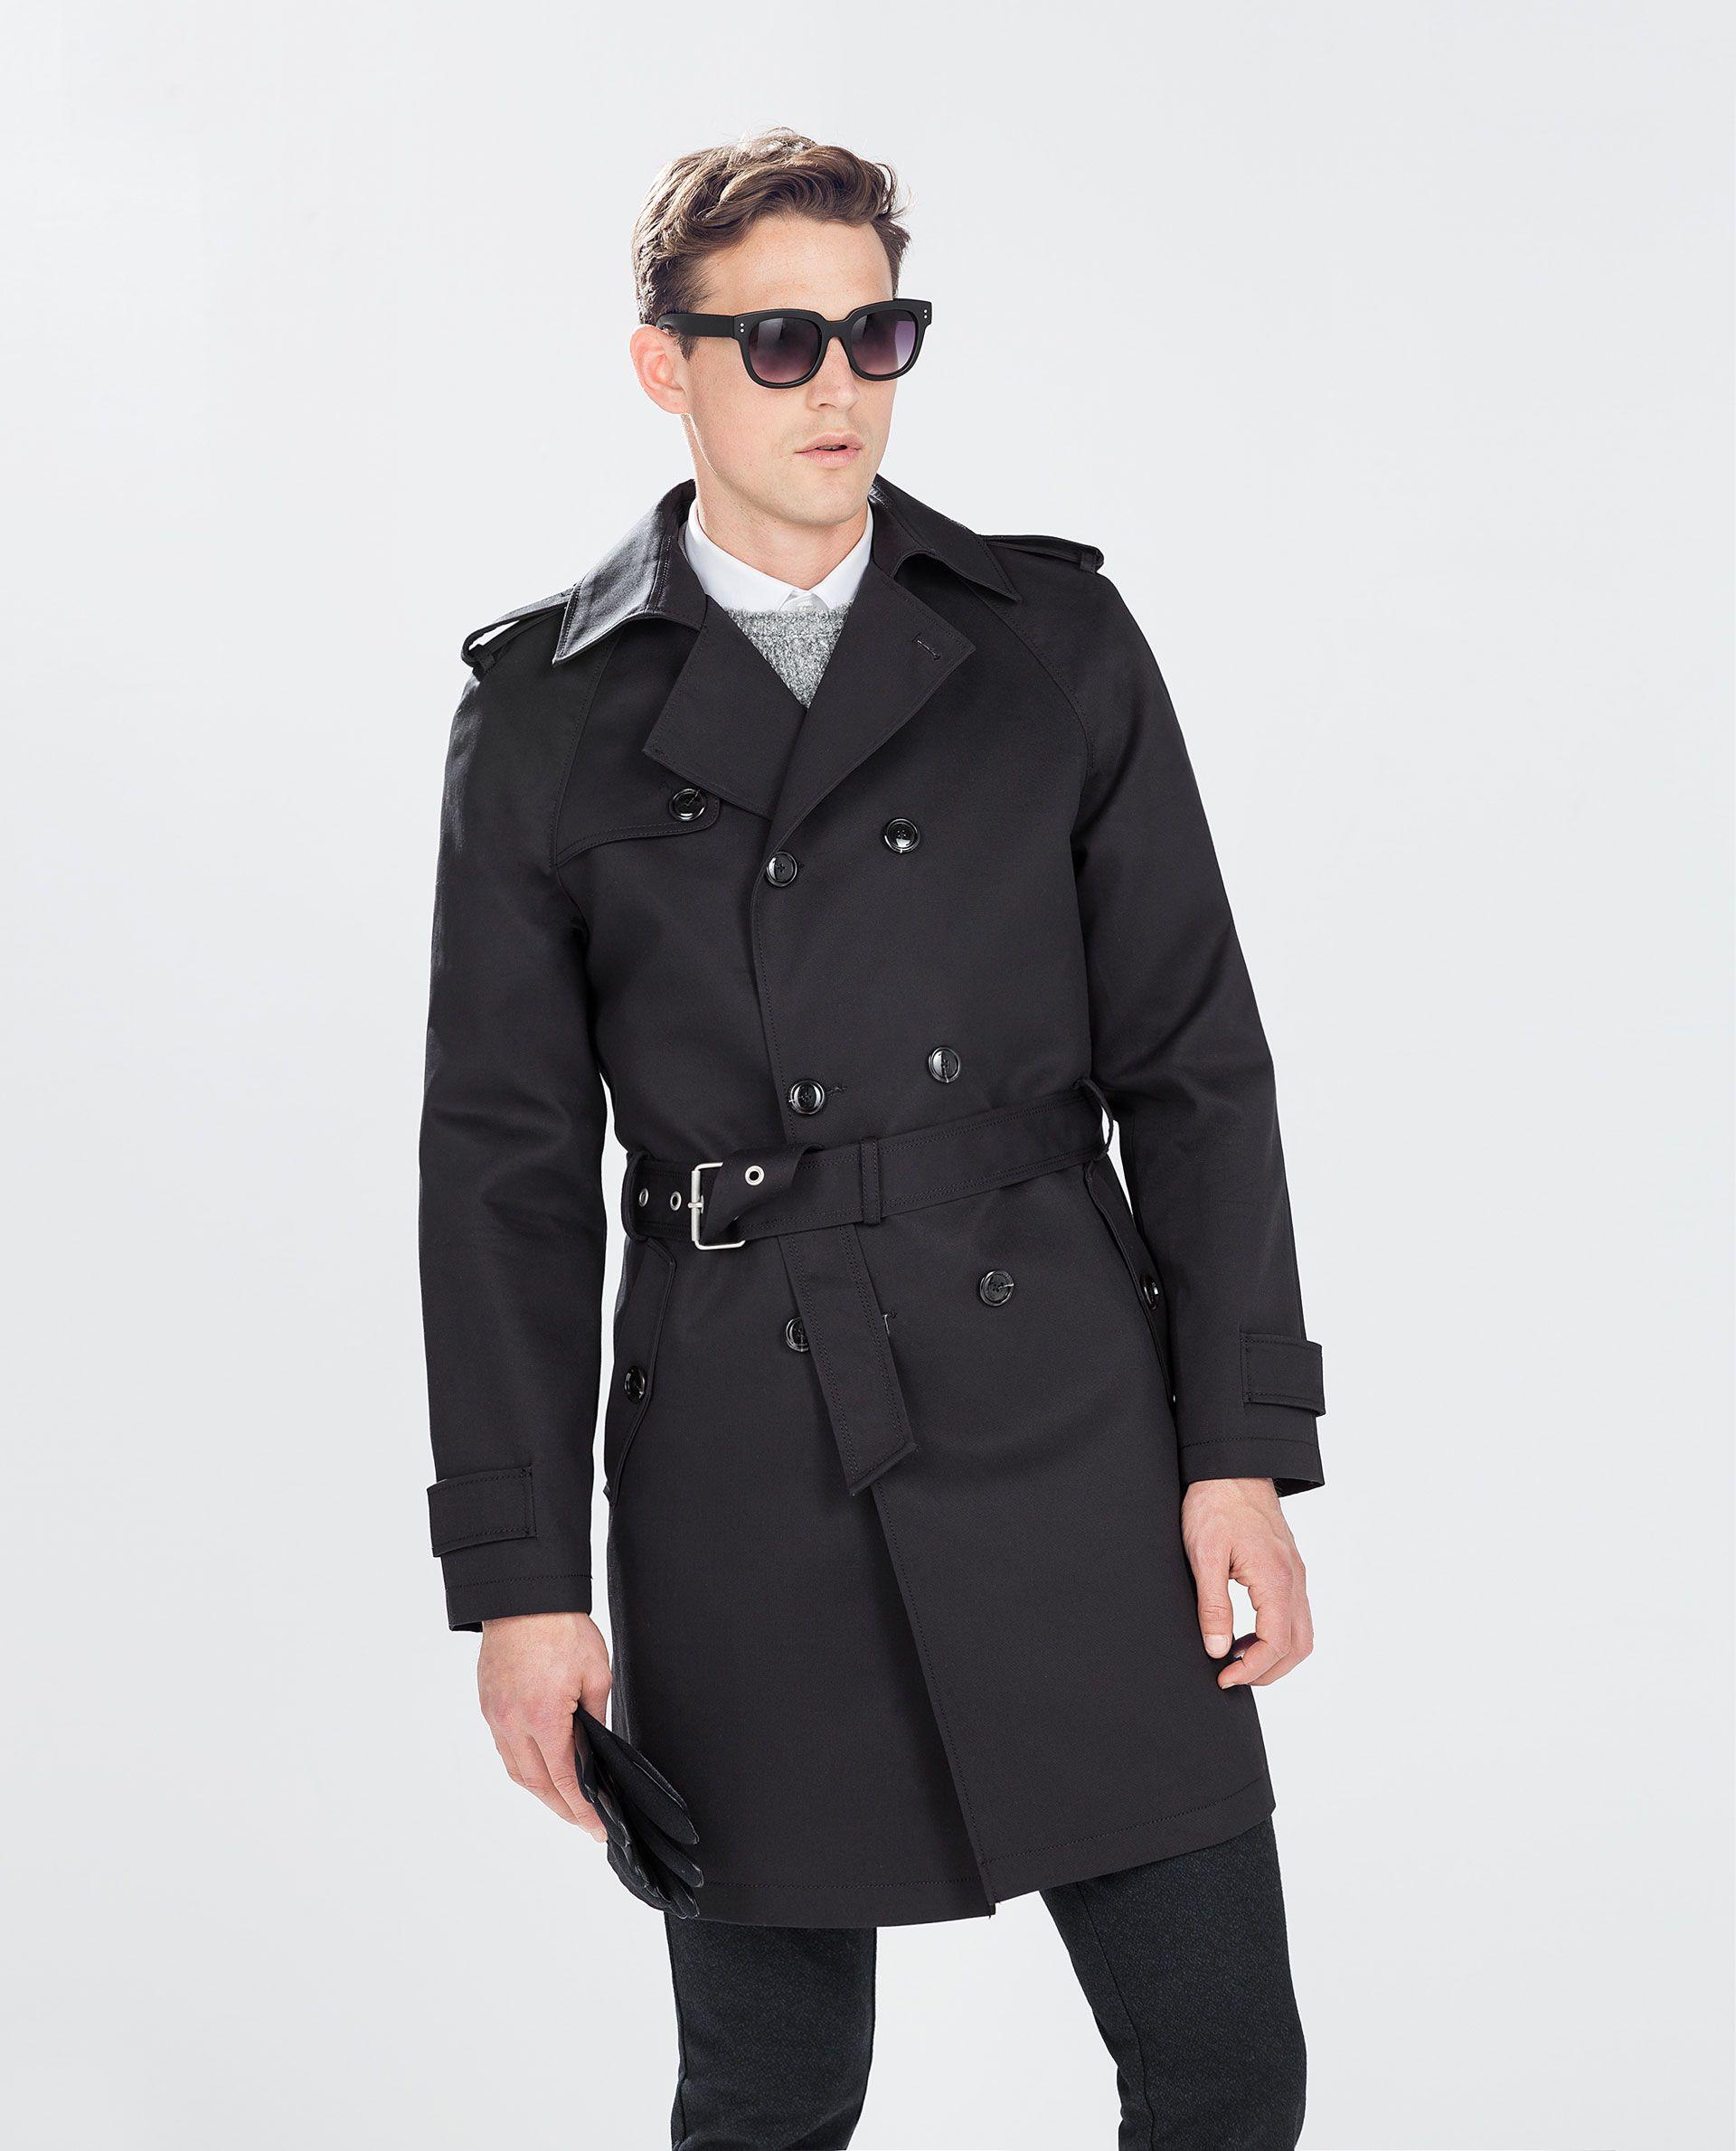 a03ae1f4 OVERSIZED TRENCH COAT - Coats and Trench coats - MAN | ZARA Turkey ...